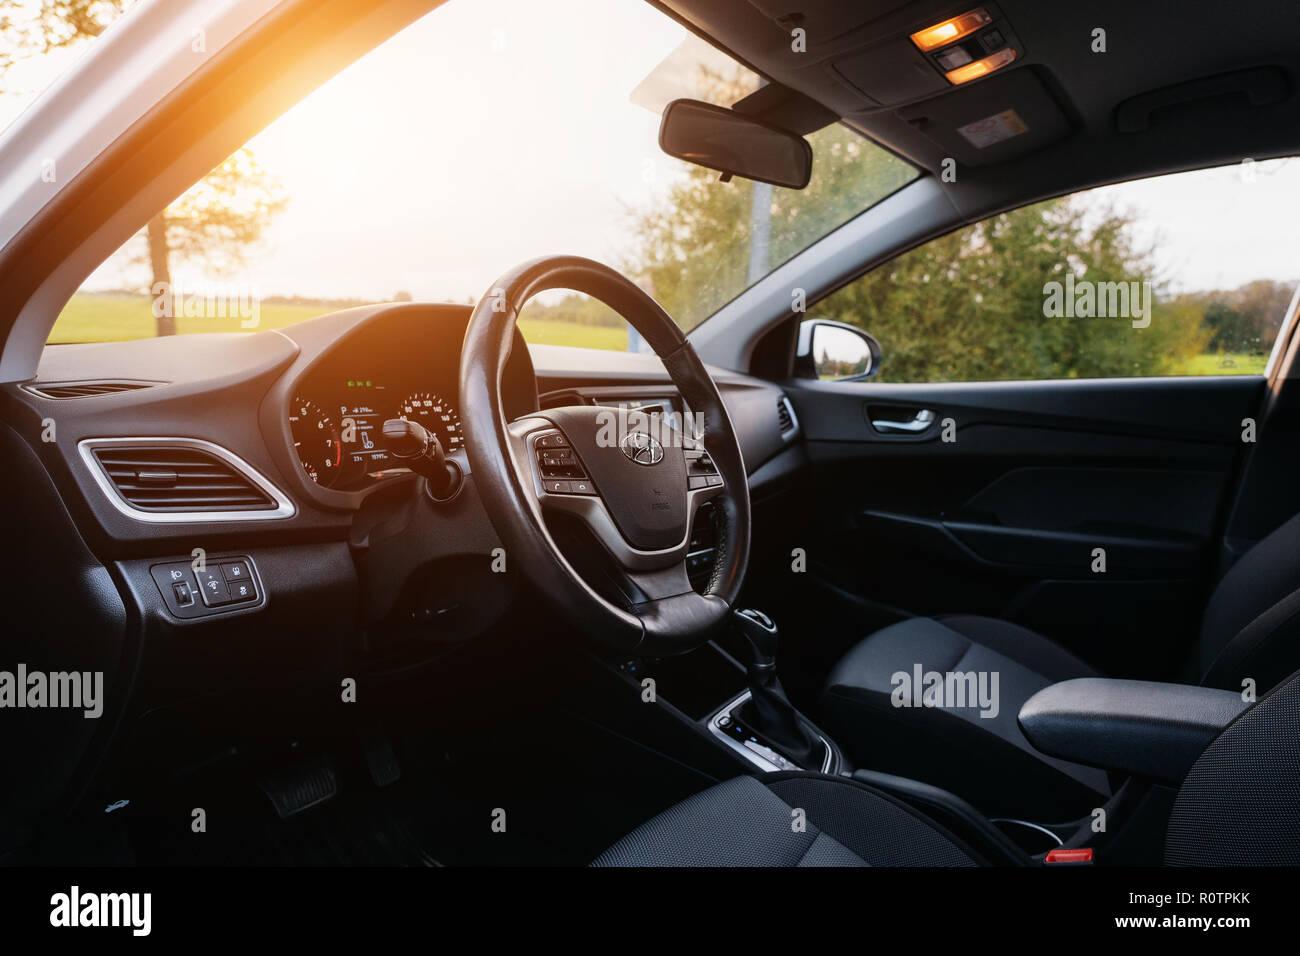 Polack, Bielorussia - 9 Settembre 2018 : Hyundai Accent Varna o Solaris 2017 interno con la luce del sole. Immagini Stock